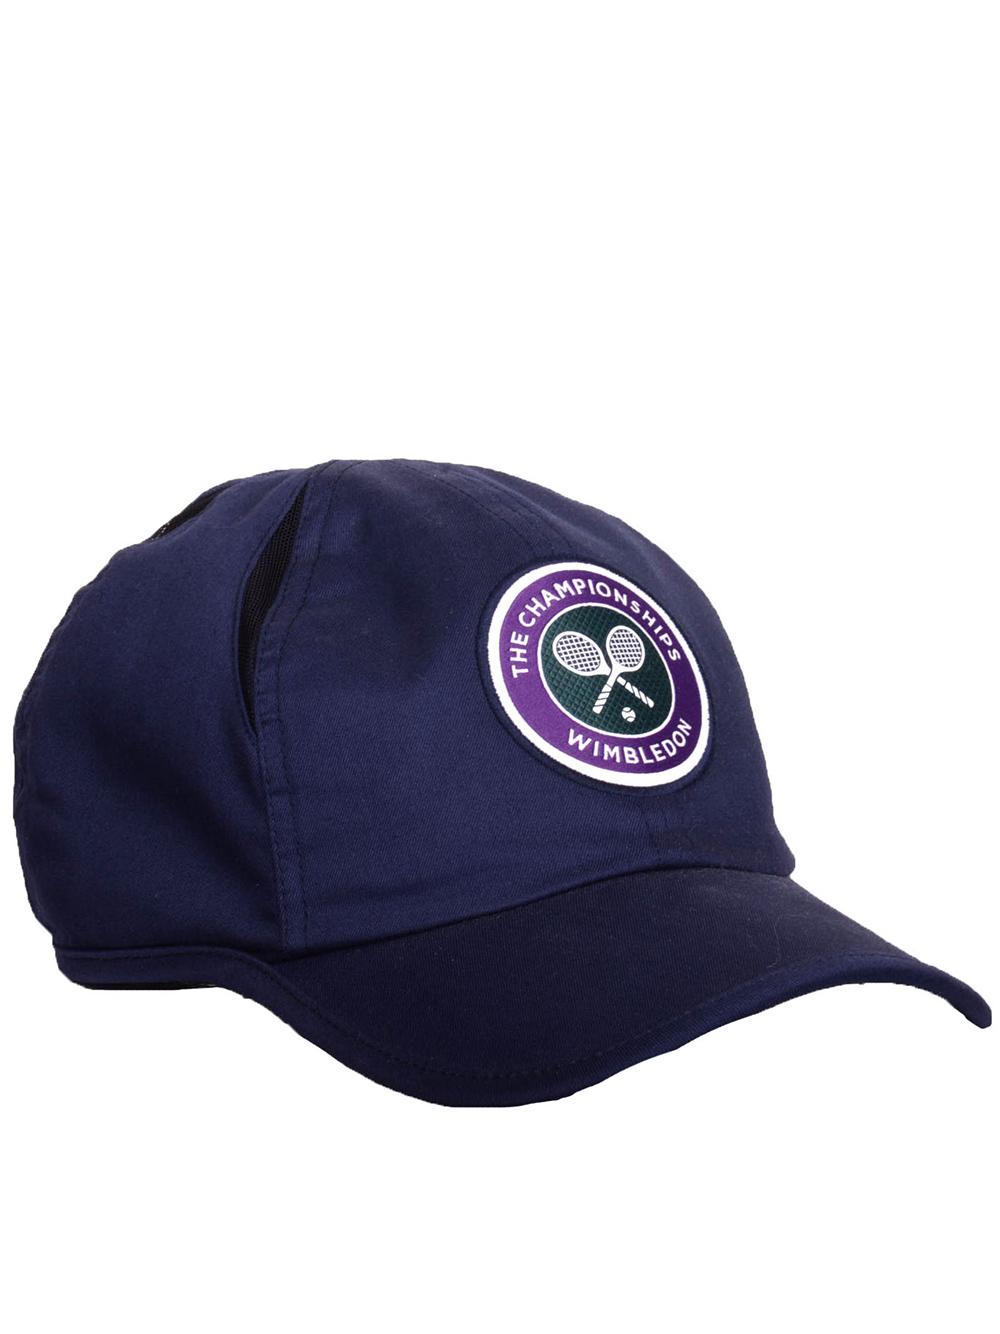 POLO RALPH LAUREN Καπέλο jockey 710753728001 ΜΠΛΕ